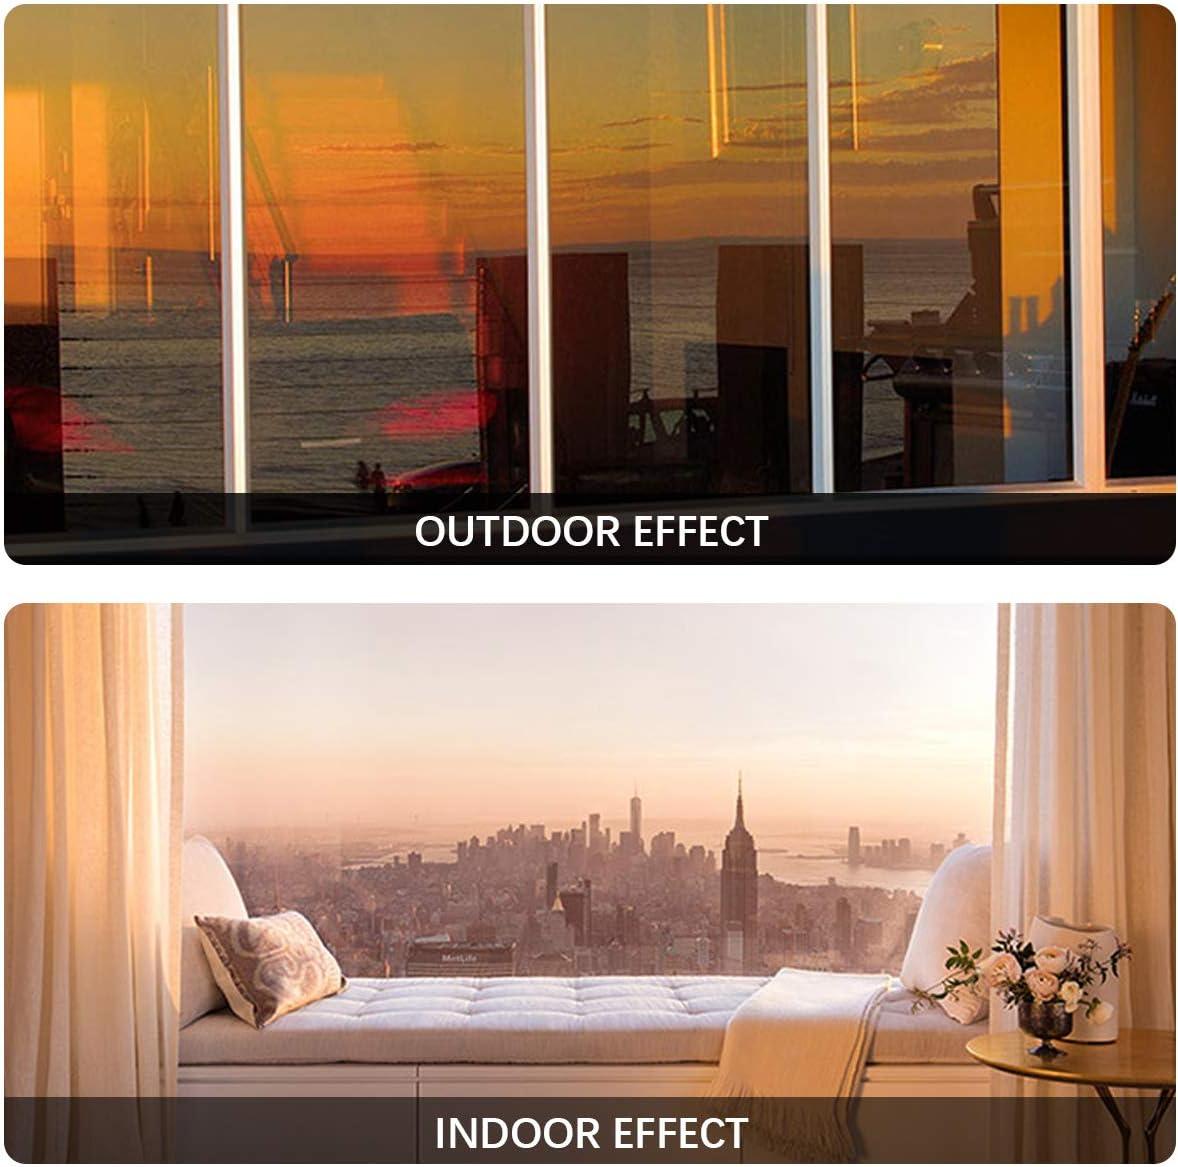 Bilisder Pellicola Specchio per Finestra Pellicola Oscurante per Vetri Autoadesiva per Privacy Anti-UV e Controllo del Calore lhome Office 60x200cm Argento, 60x200cm